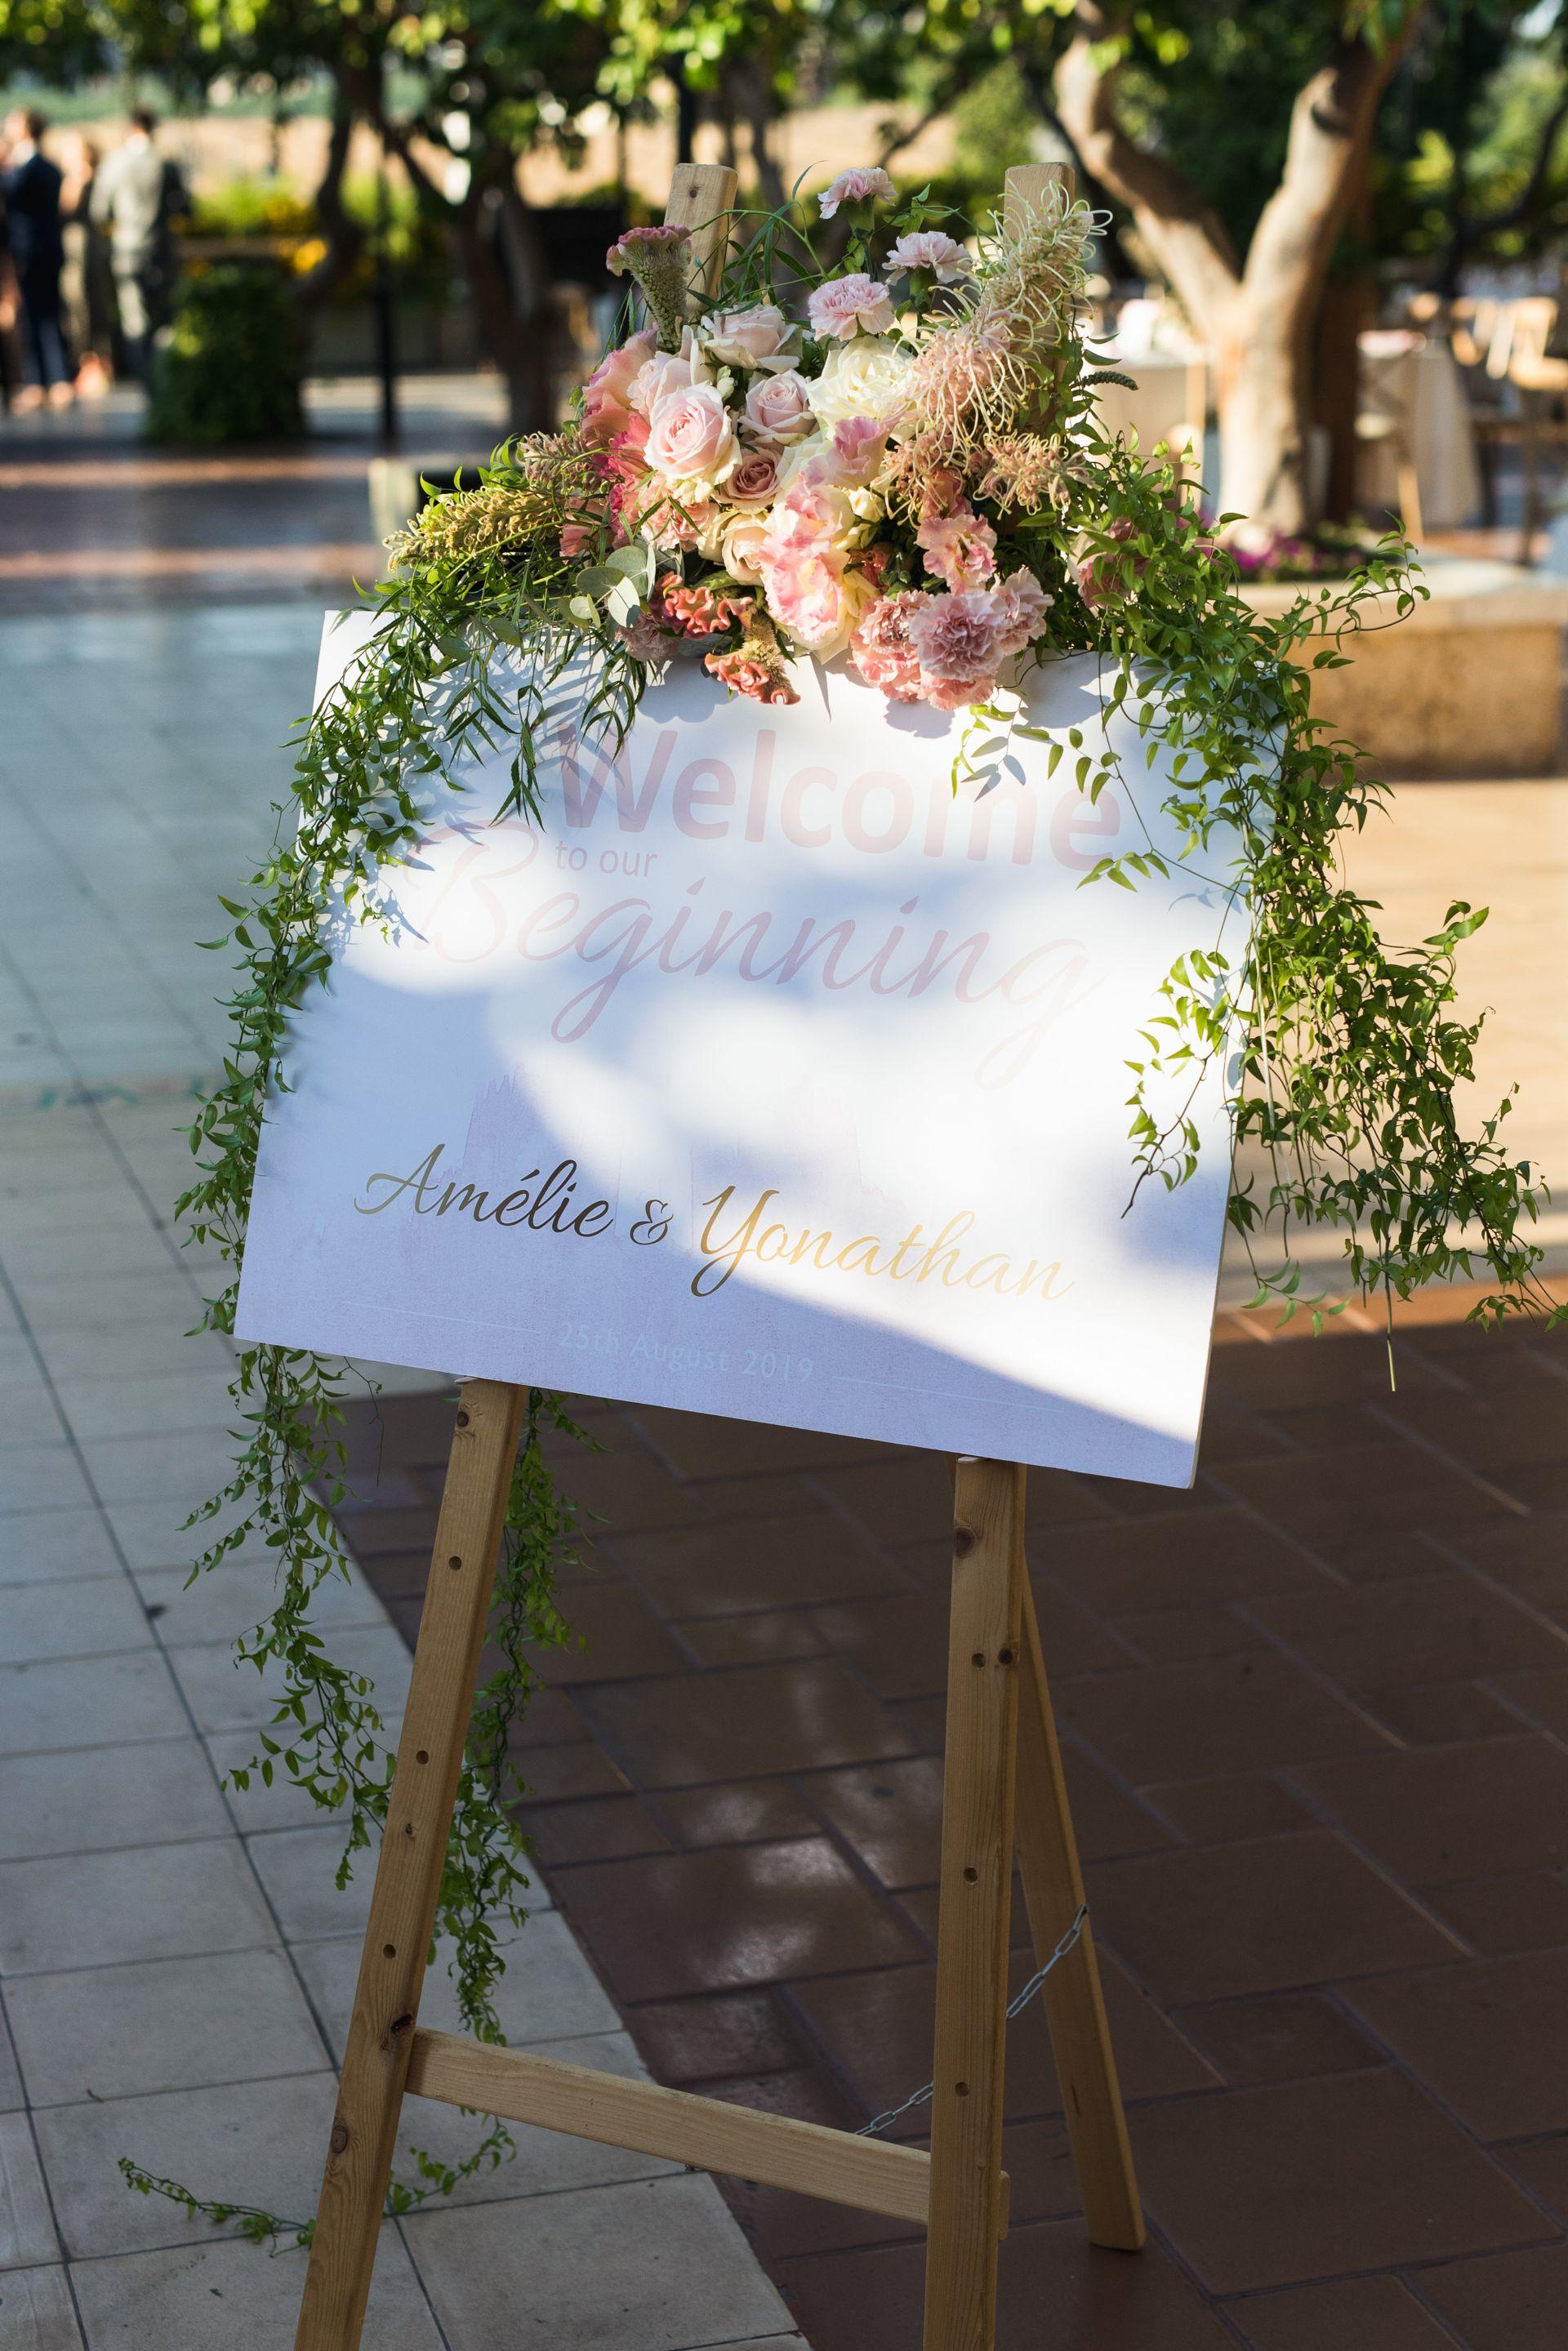 גרים בלונדון, התחתנו בגן האירועים האחוזה